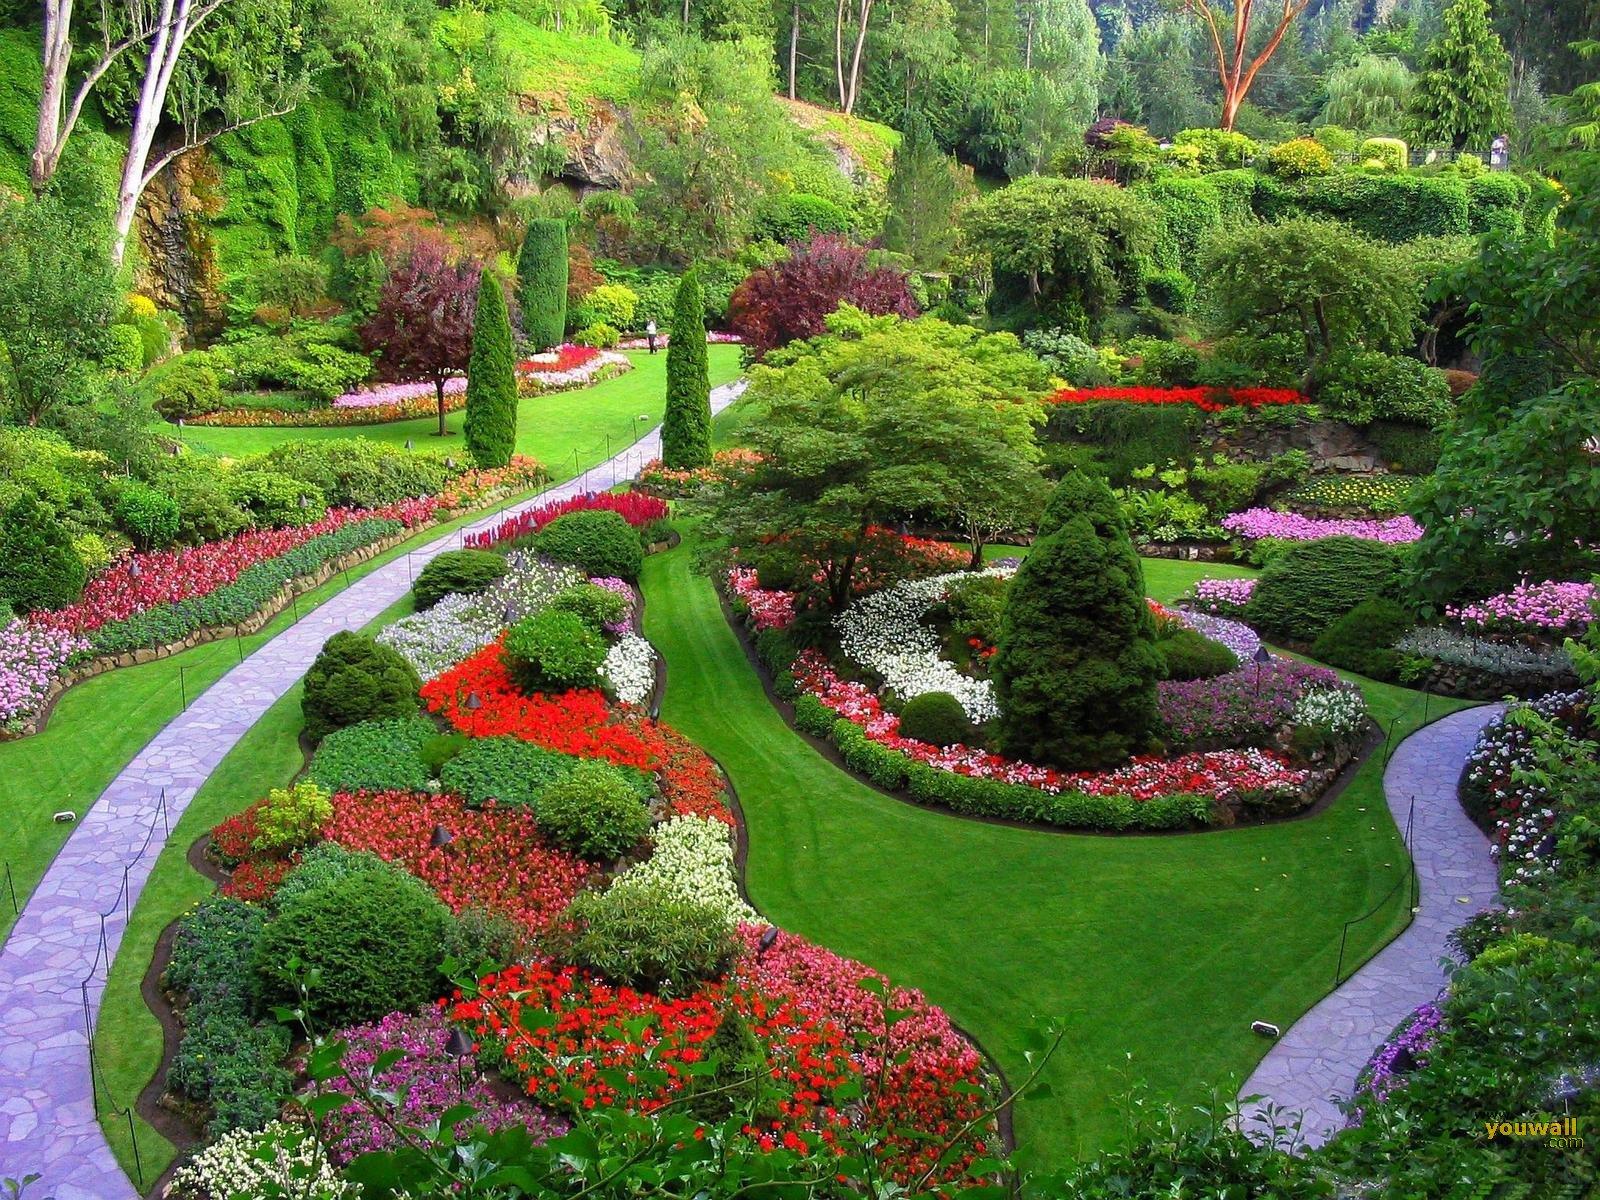 Beautiful-Flower-Park-Wallpaper-HD-free-for-desktop - HD Wallpaper